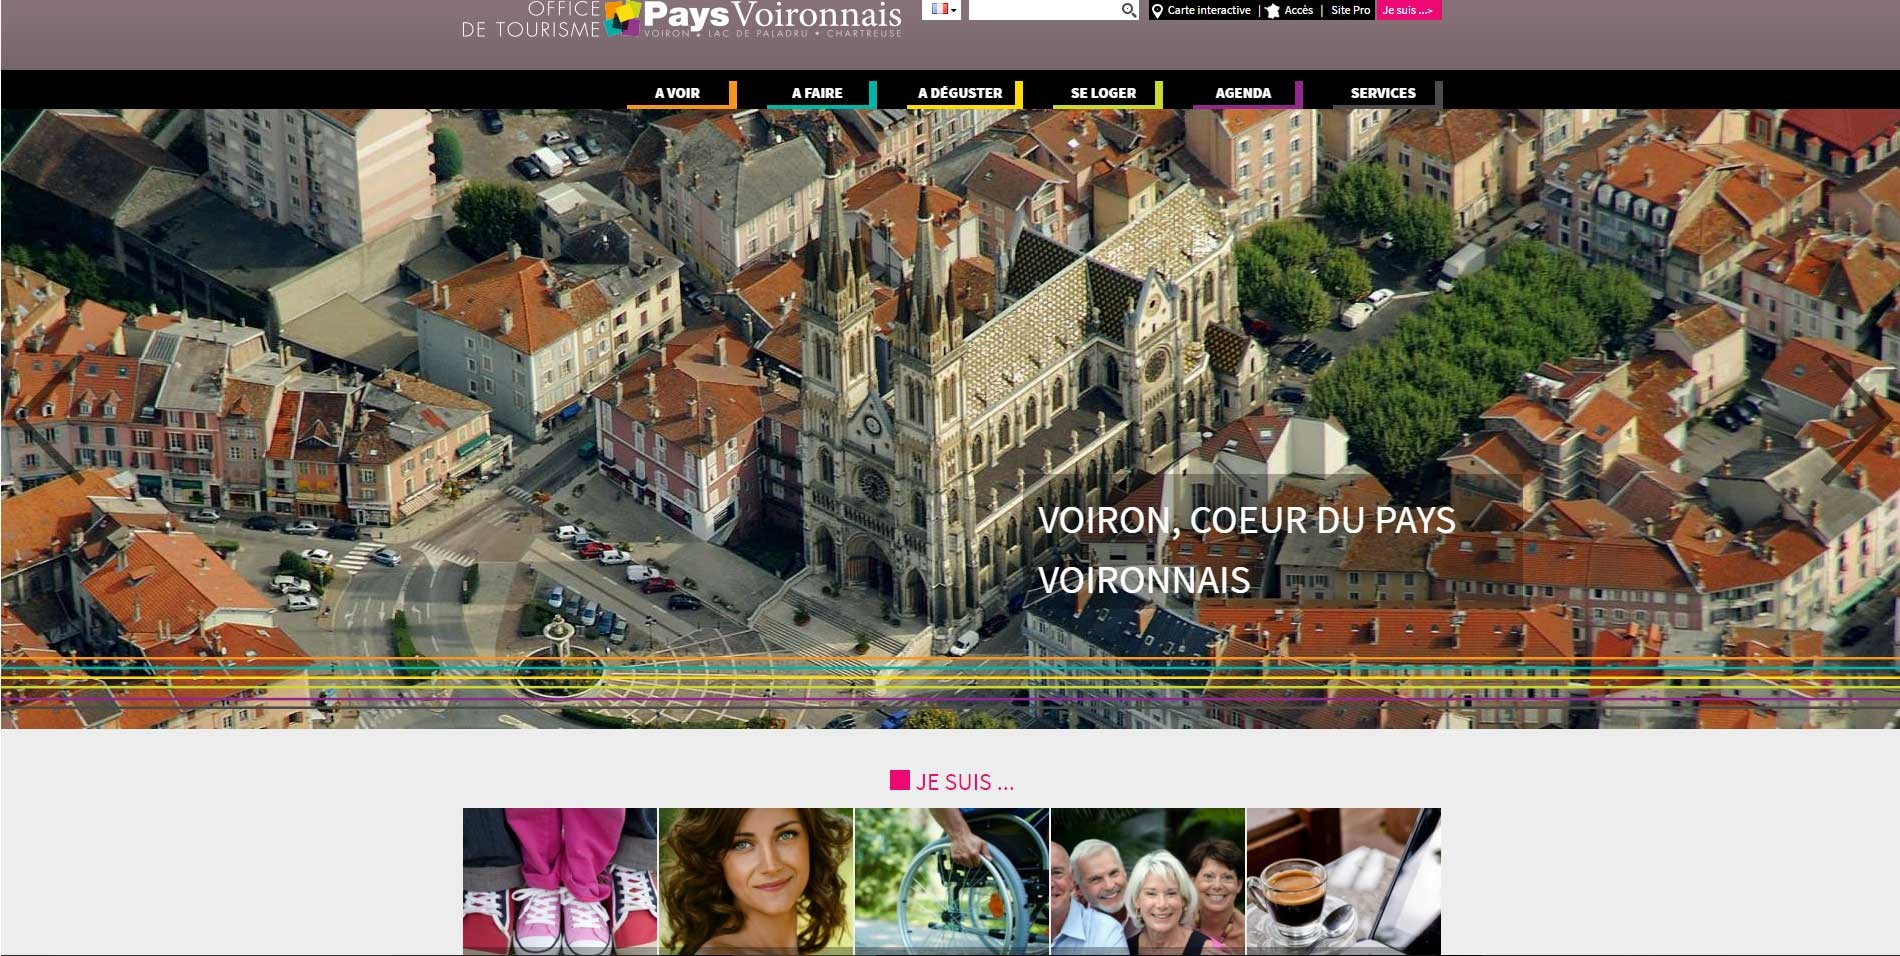 Logo Office de Tourisme du Pays Voironnais